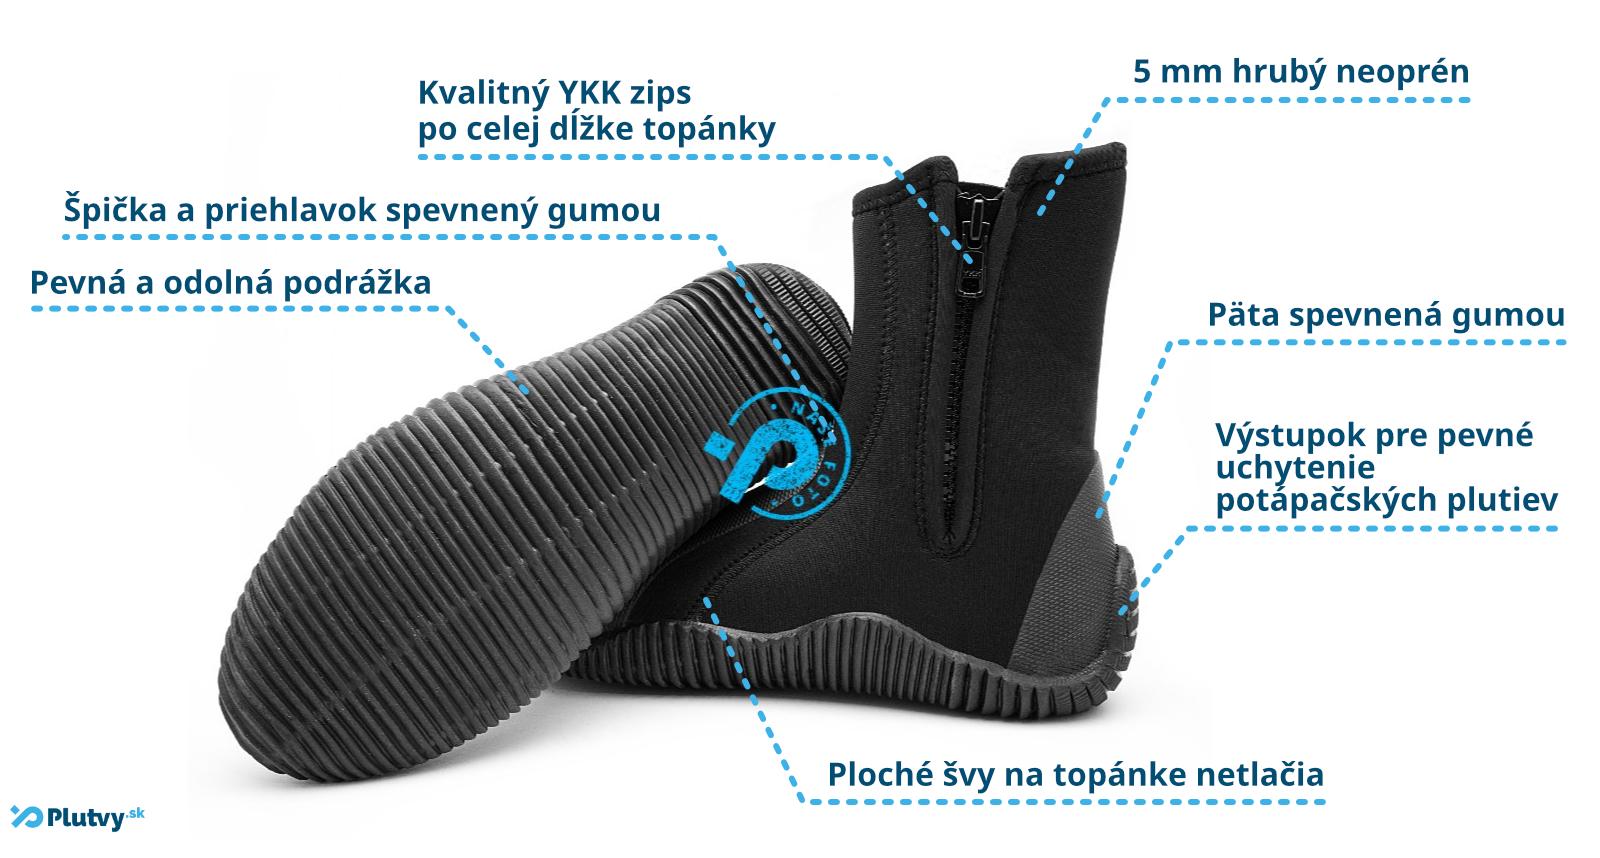 vysoké neoprénové topánky Agama Stream s pevnou podrážkou, kvalitne ušité, odolný zips